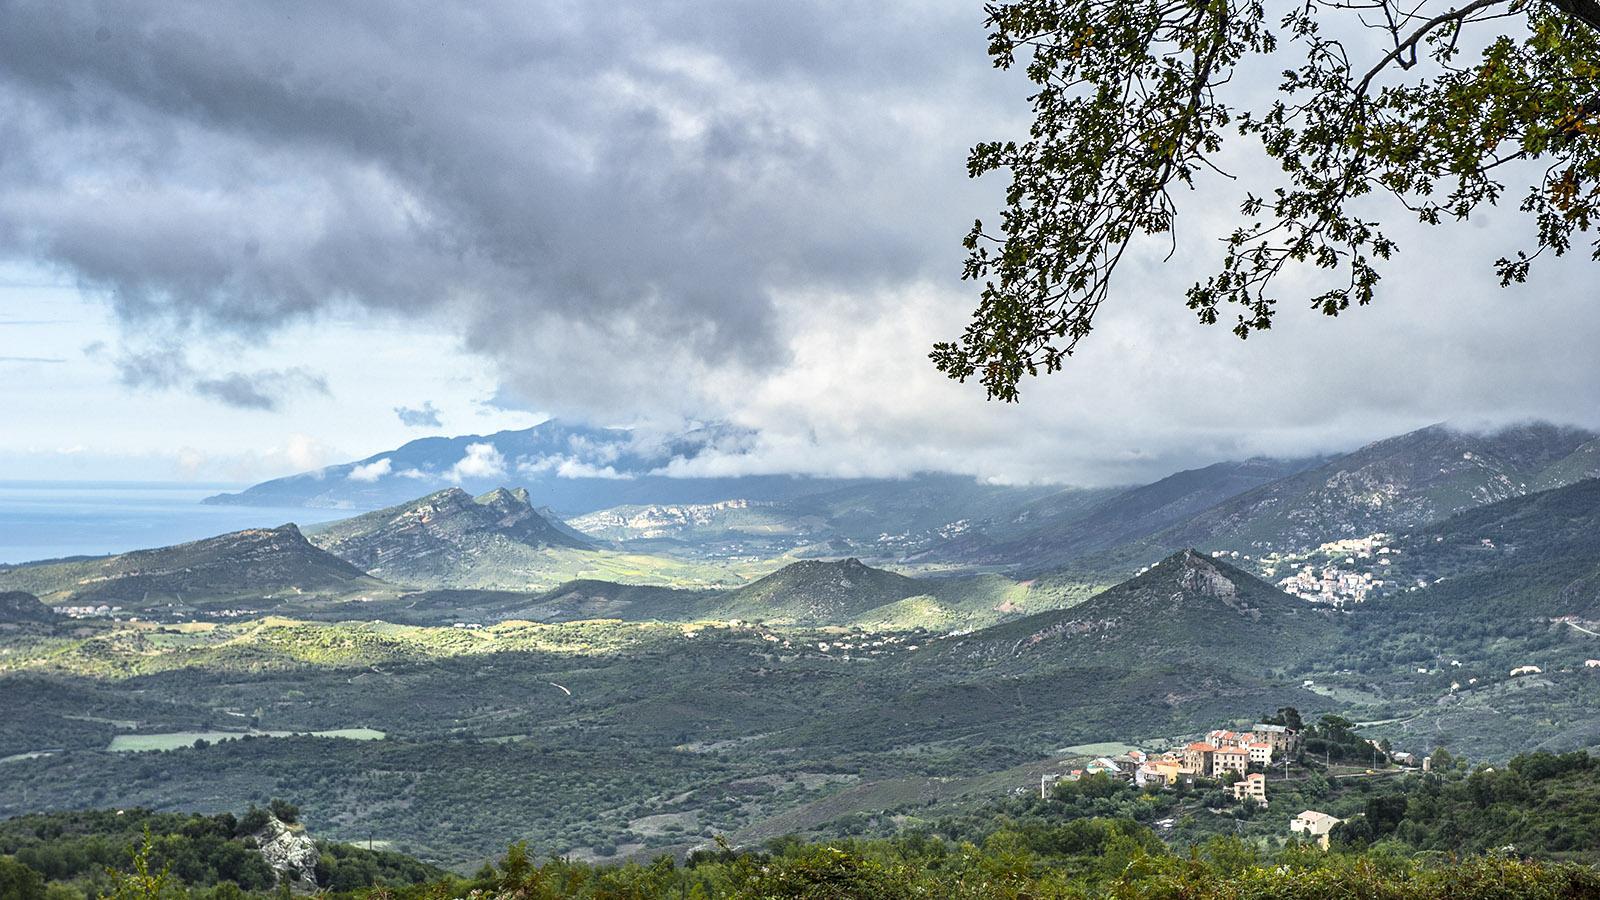 Nebbiu; Der Blick vom Col de San Stefano auf die Westküste mit Saint-Florent. Foto: Hilke Maunder